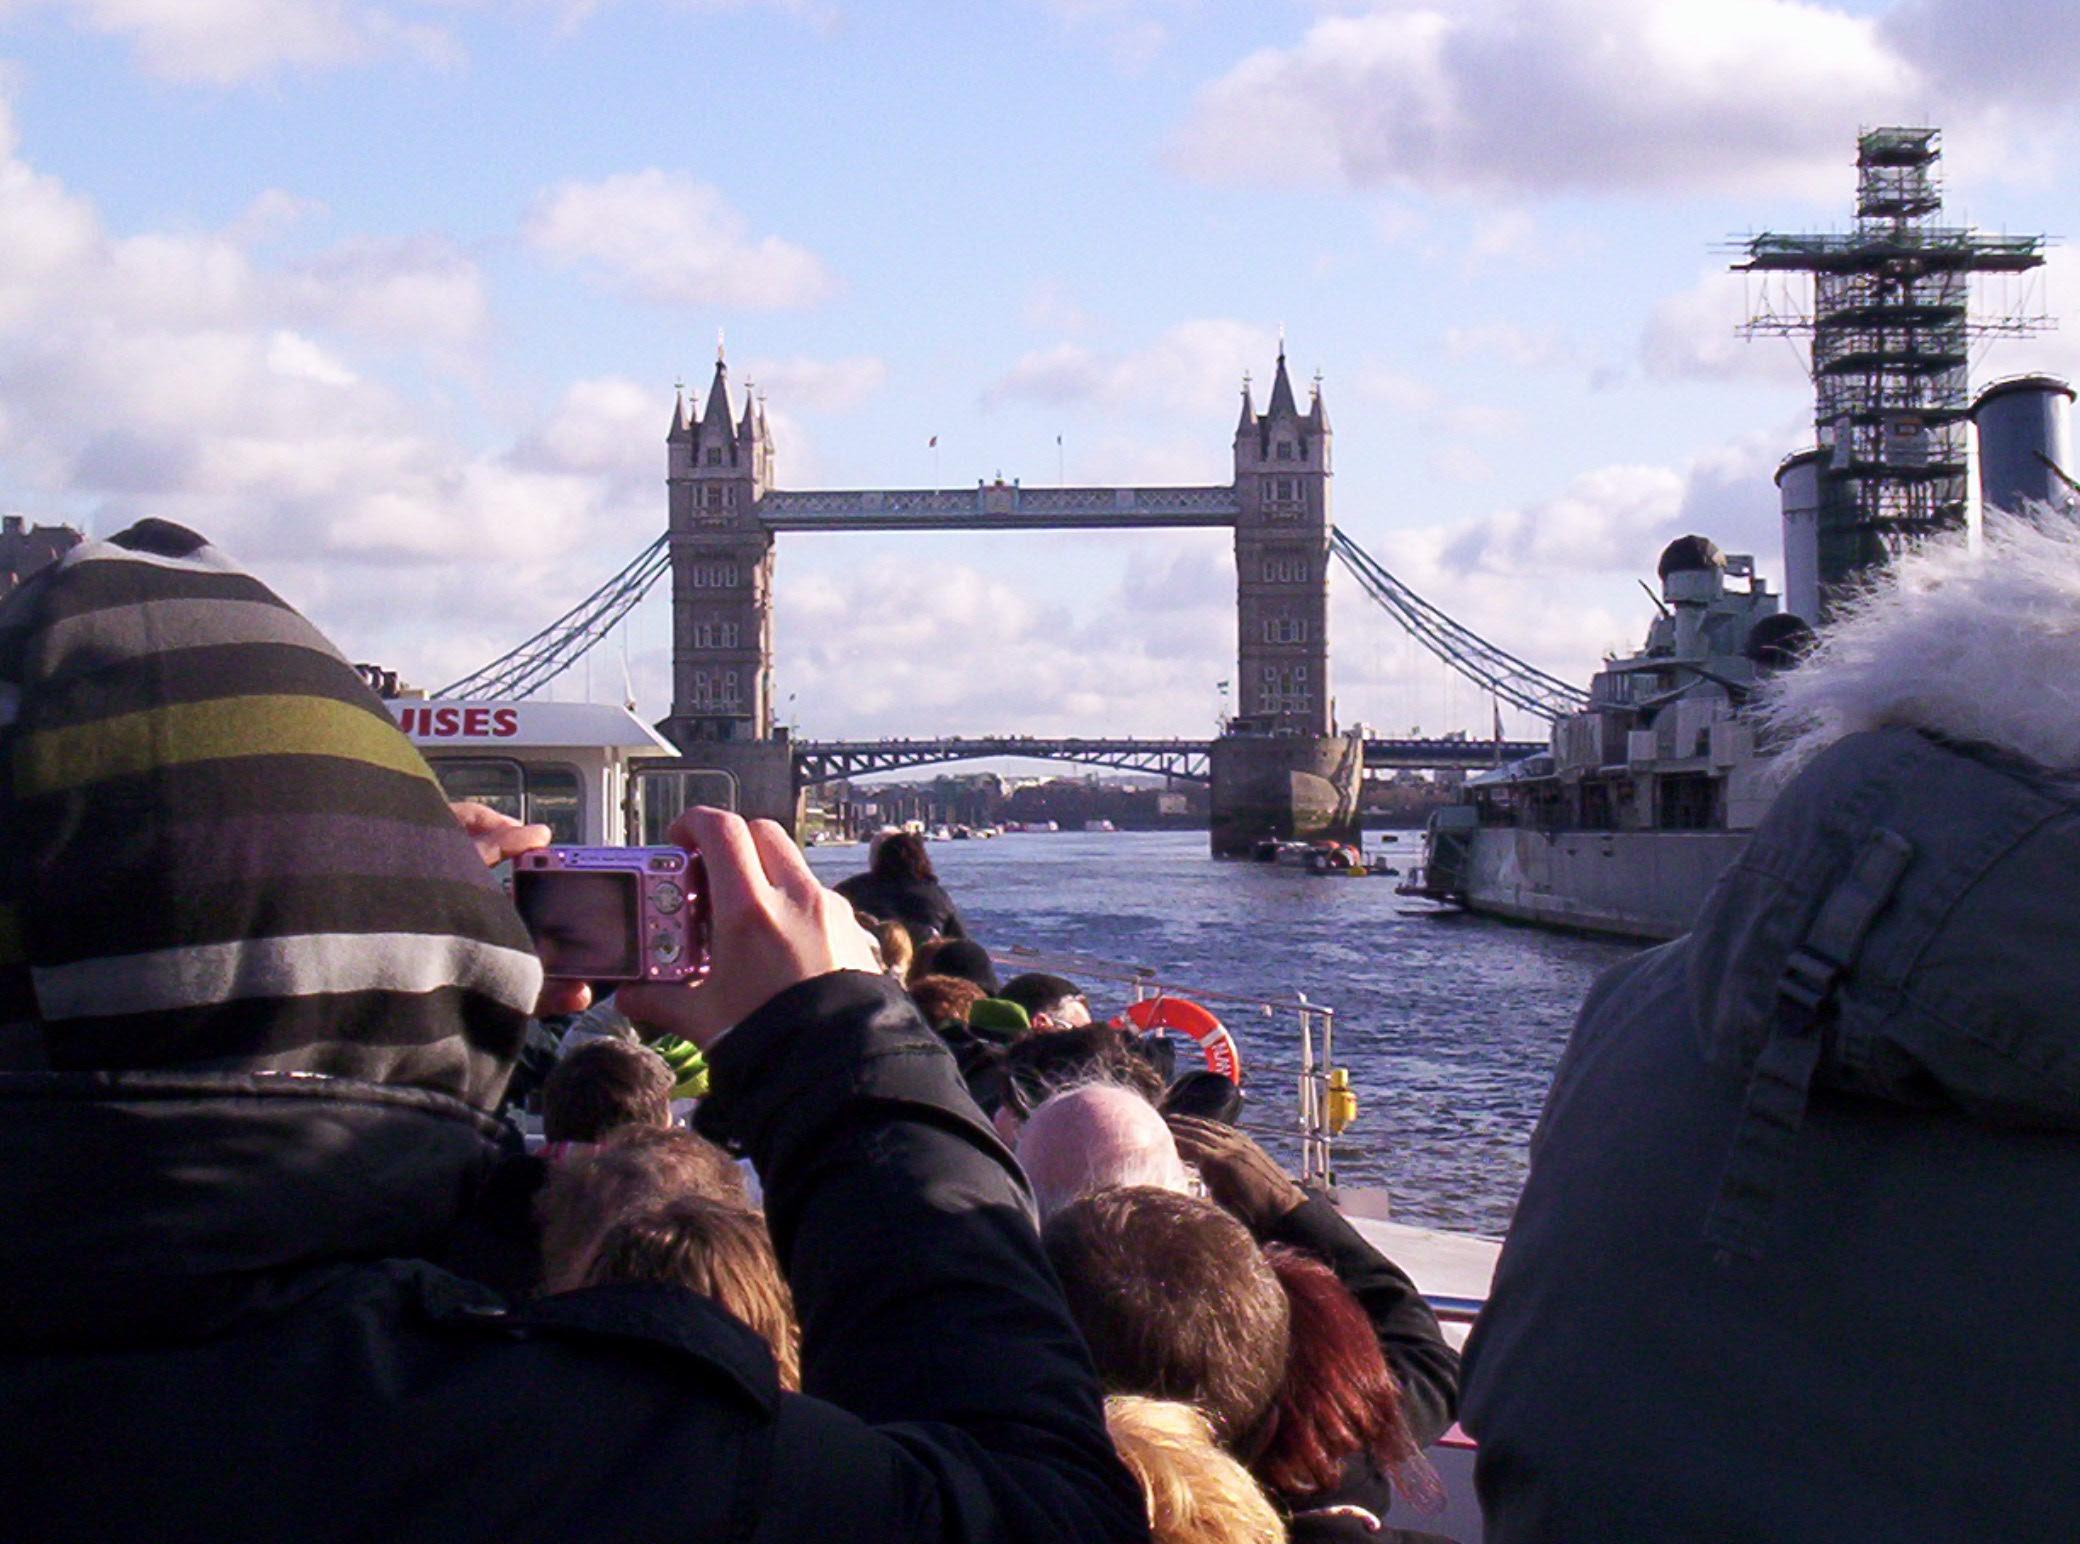 London Brigde do barco no Tâmisa